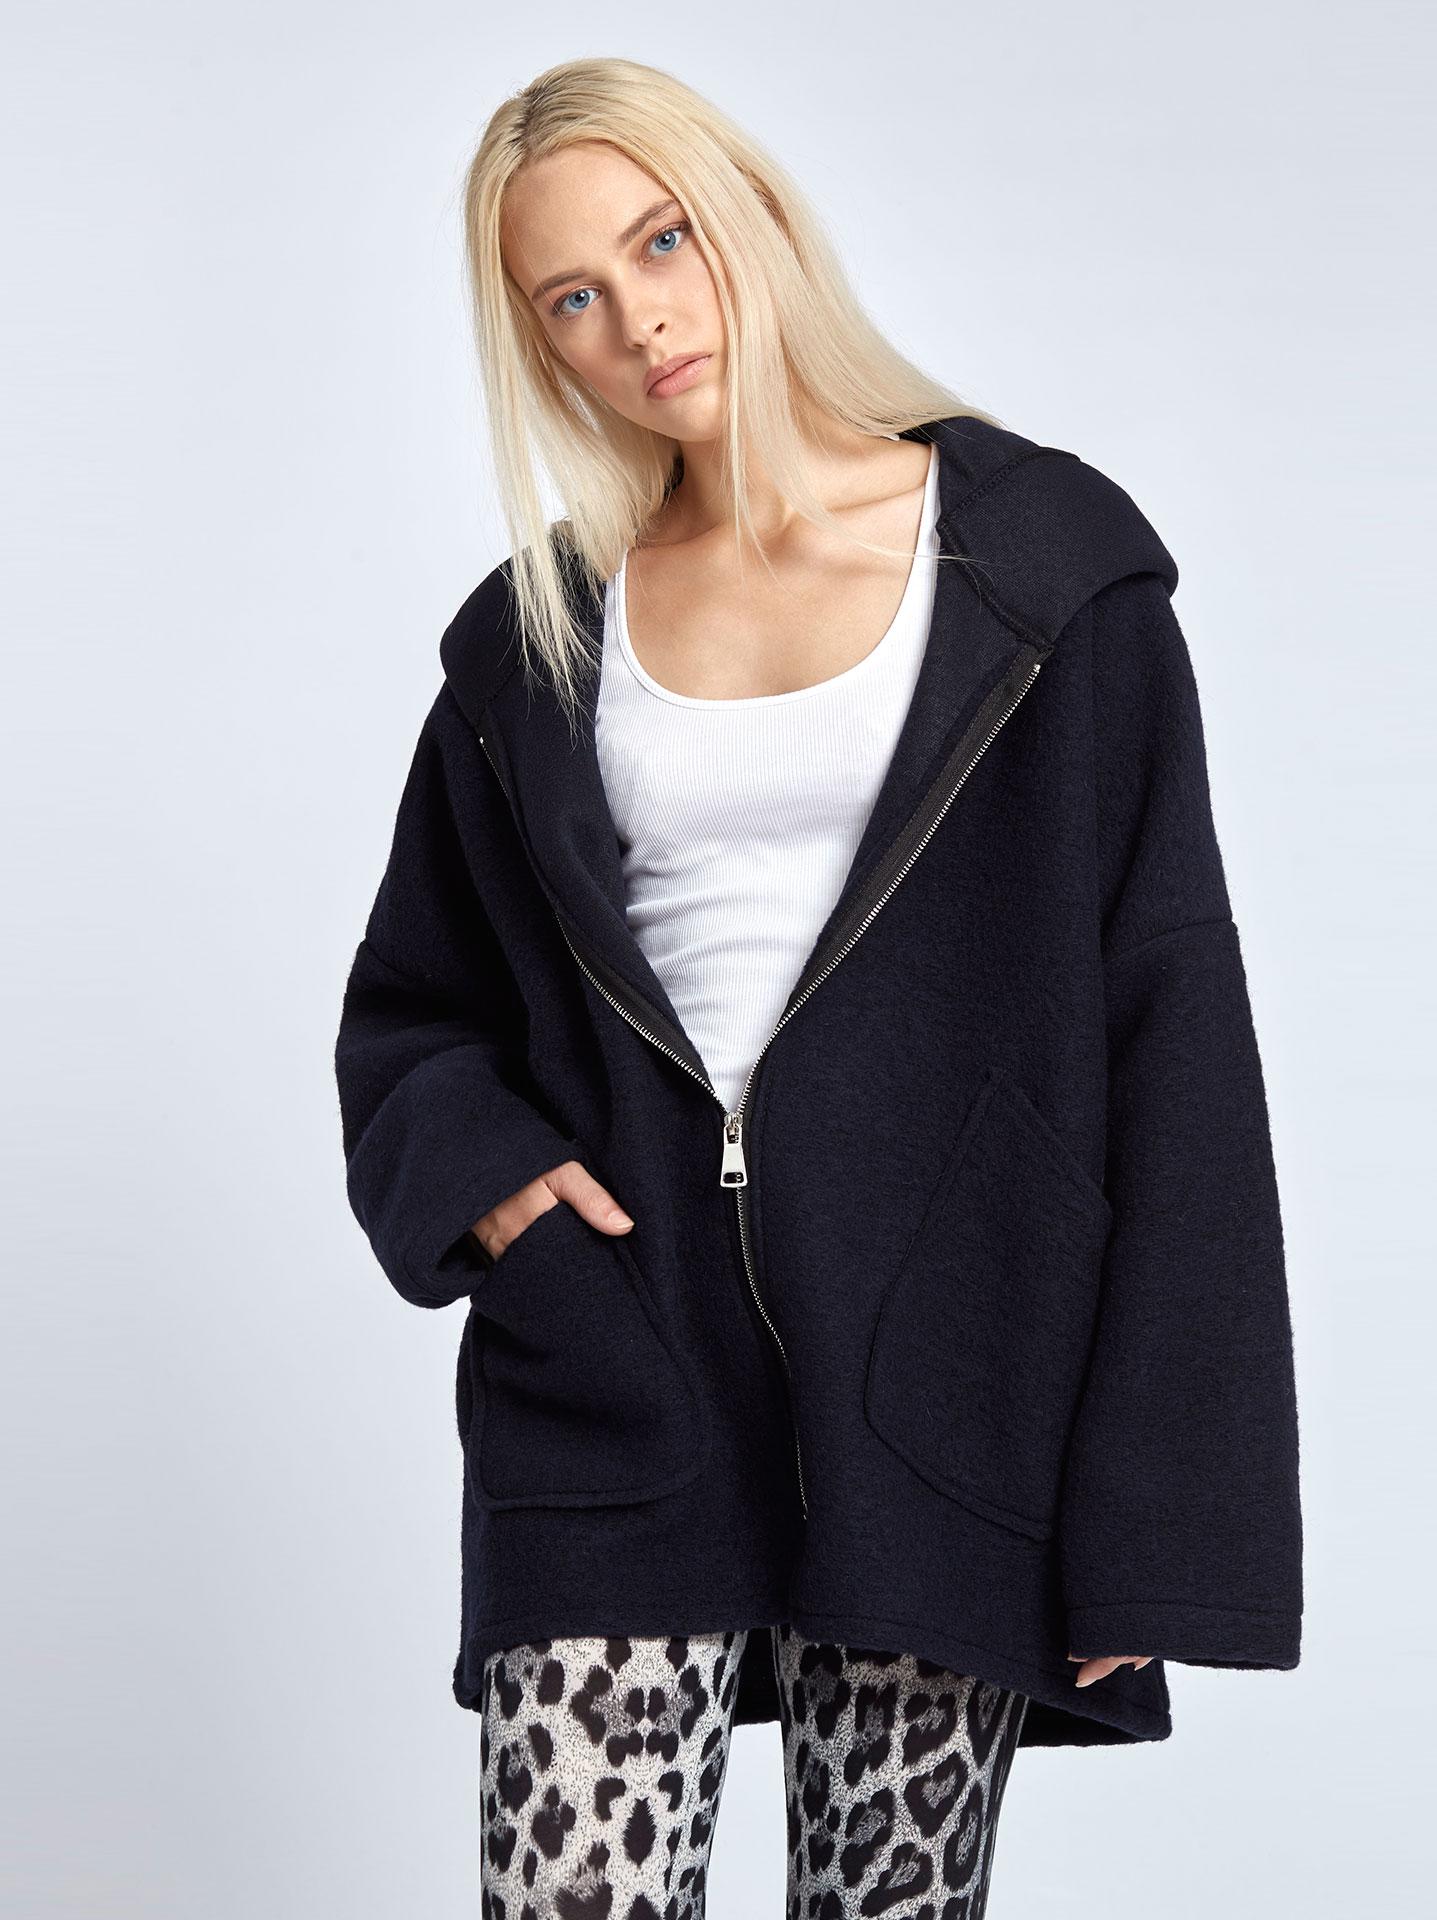 Μπουκλέ παλτό με κουκούλα σκουρο μπλε 4b43404c1cc